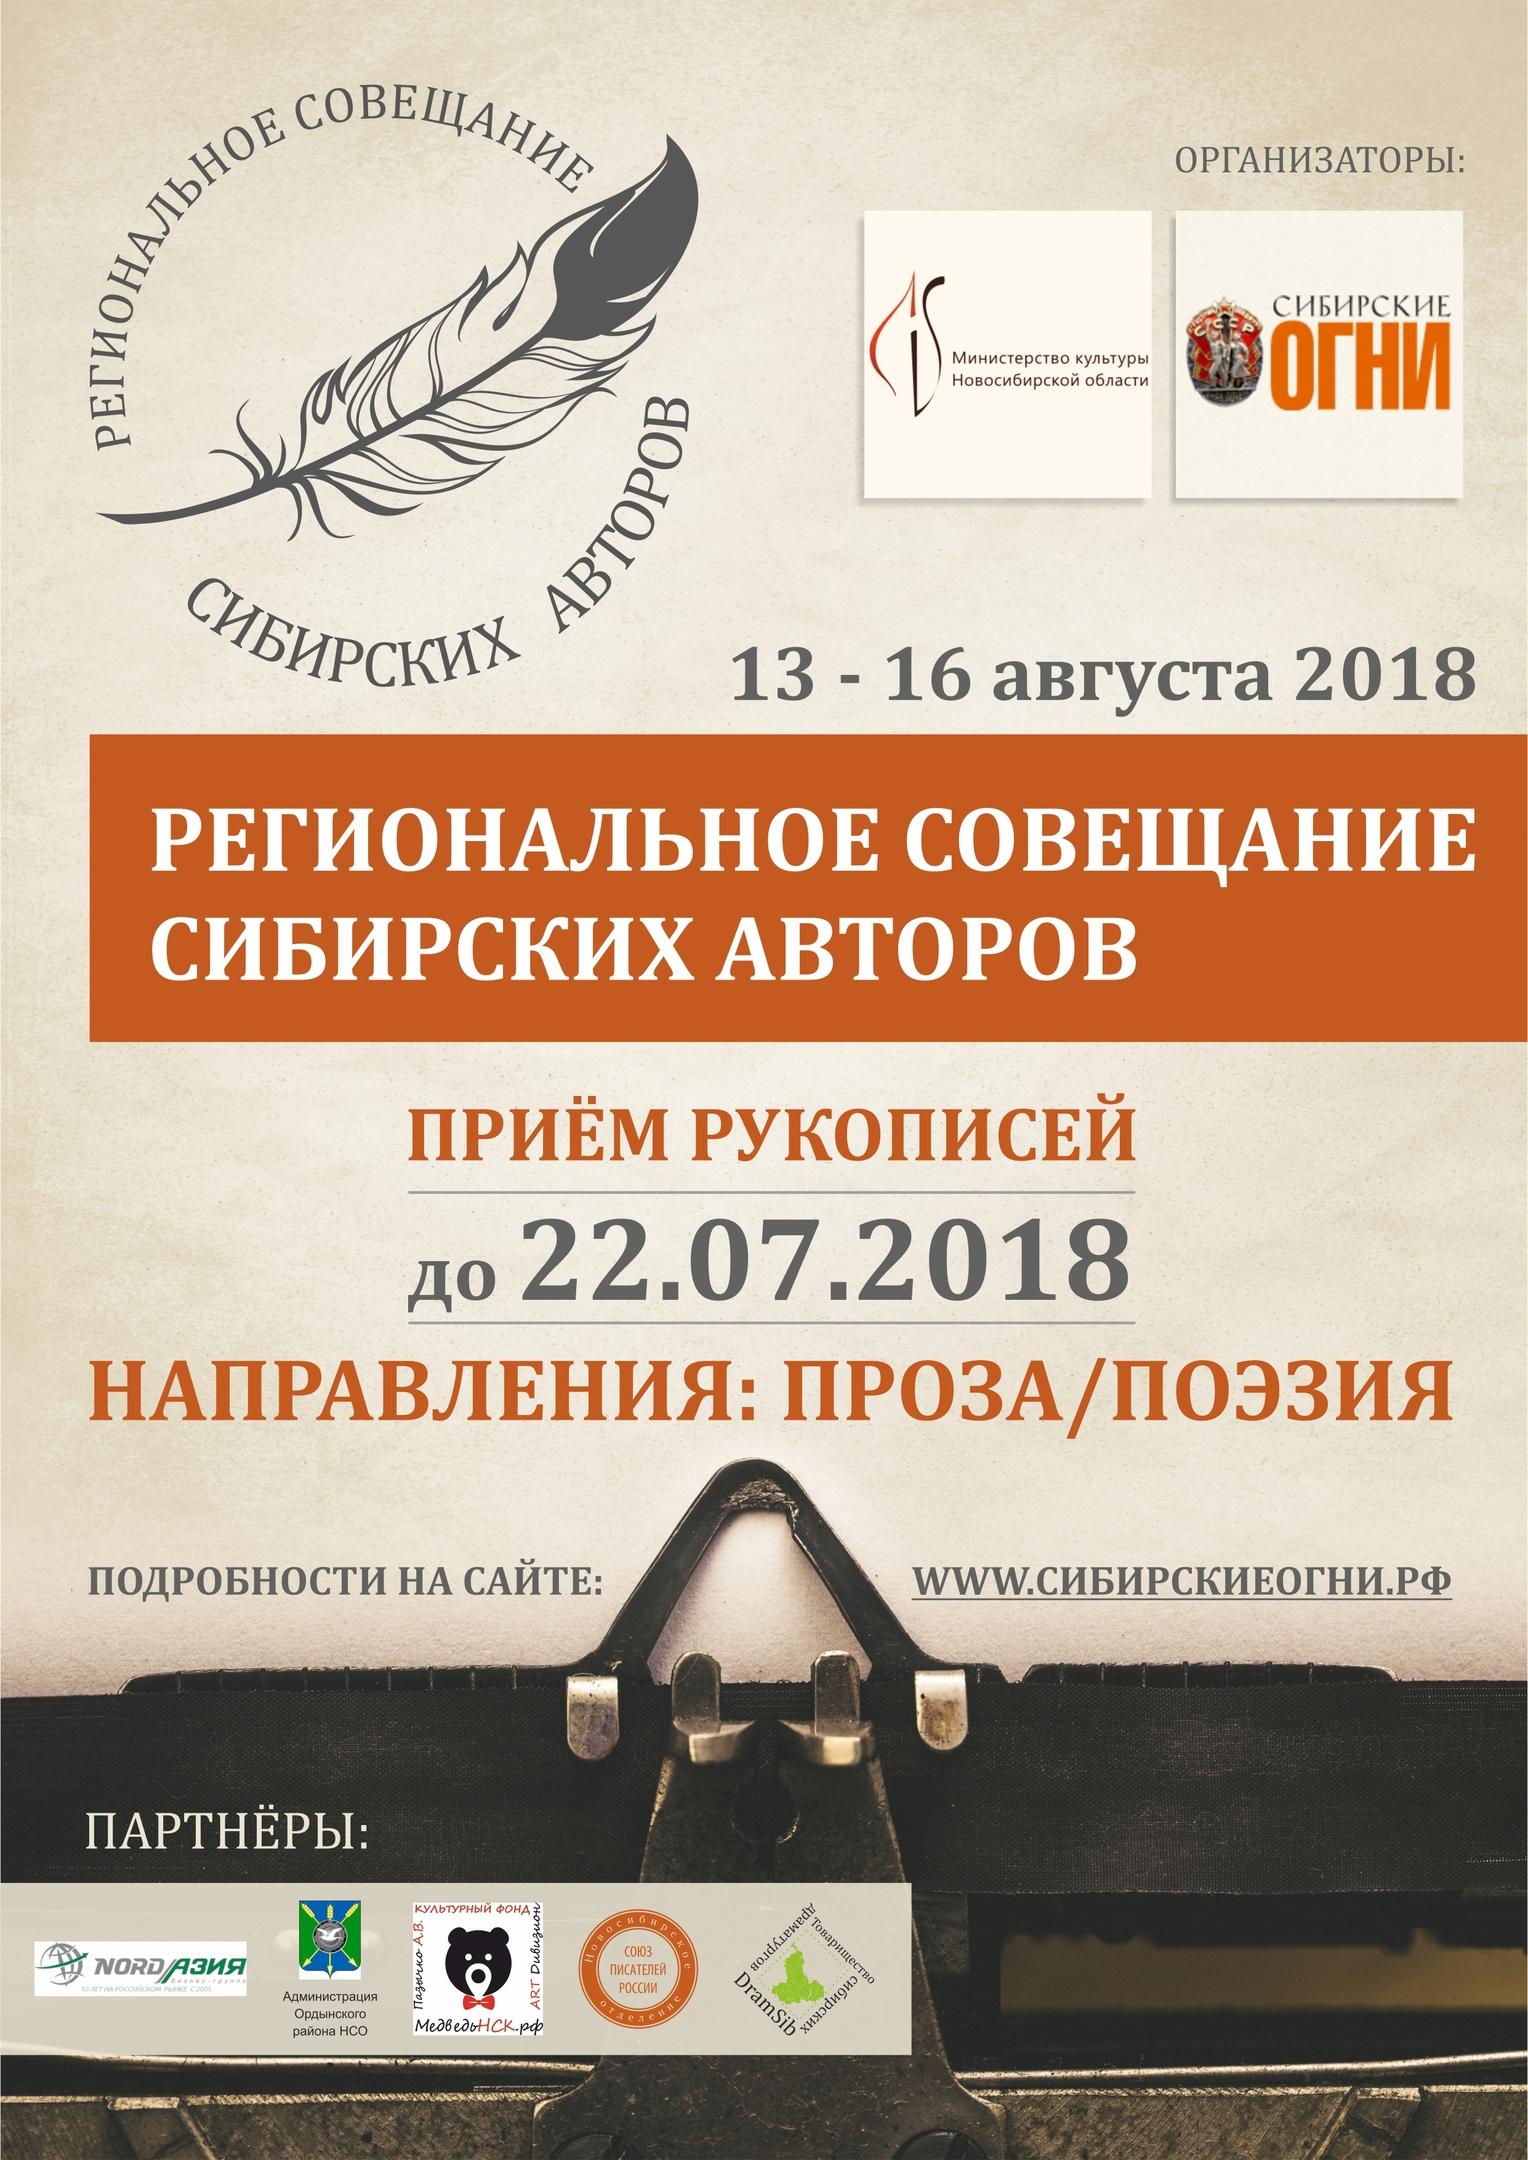 Совещание сибирских авторов 2018